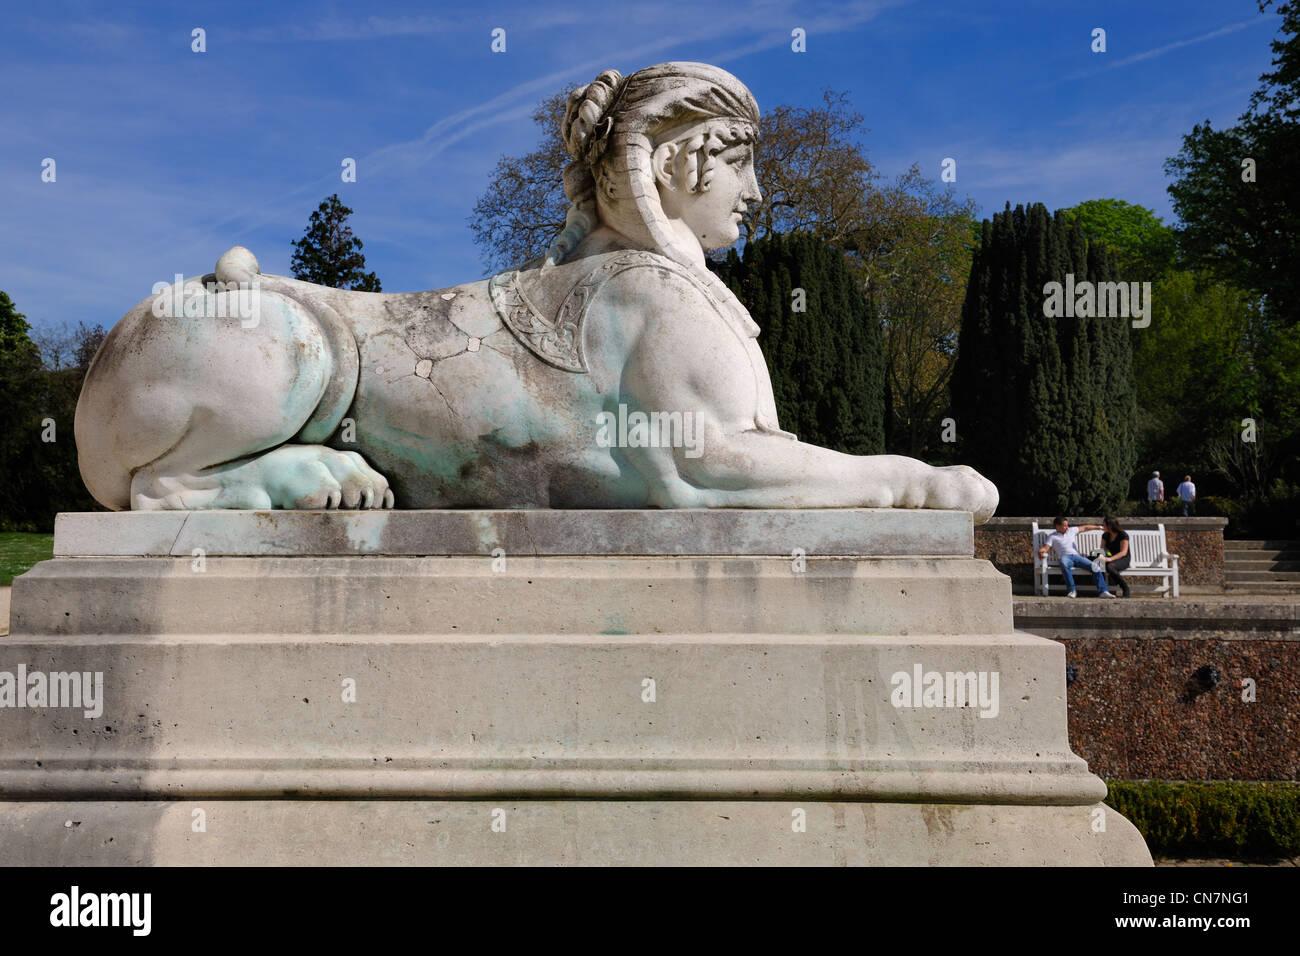 France, Paris, Bois de Boulogne, Parc de Bagatelle - Stock Image